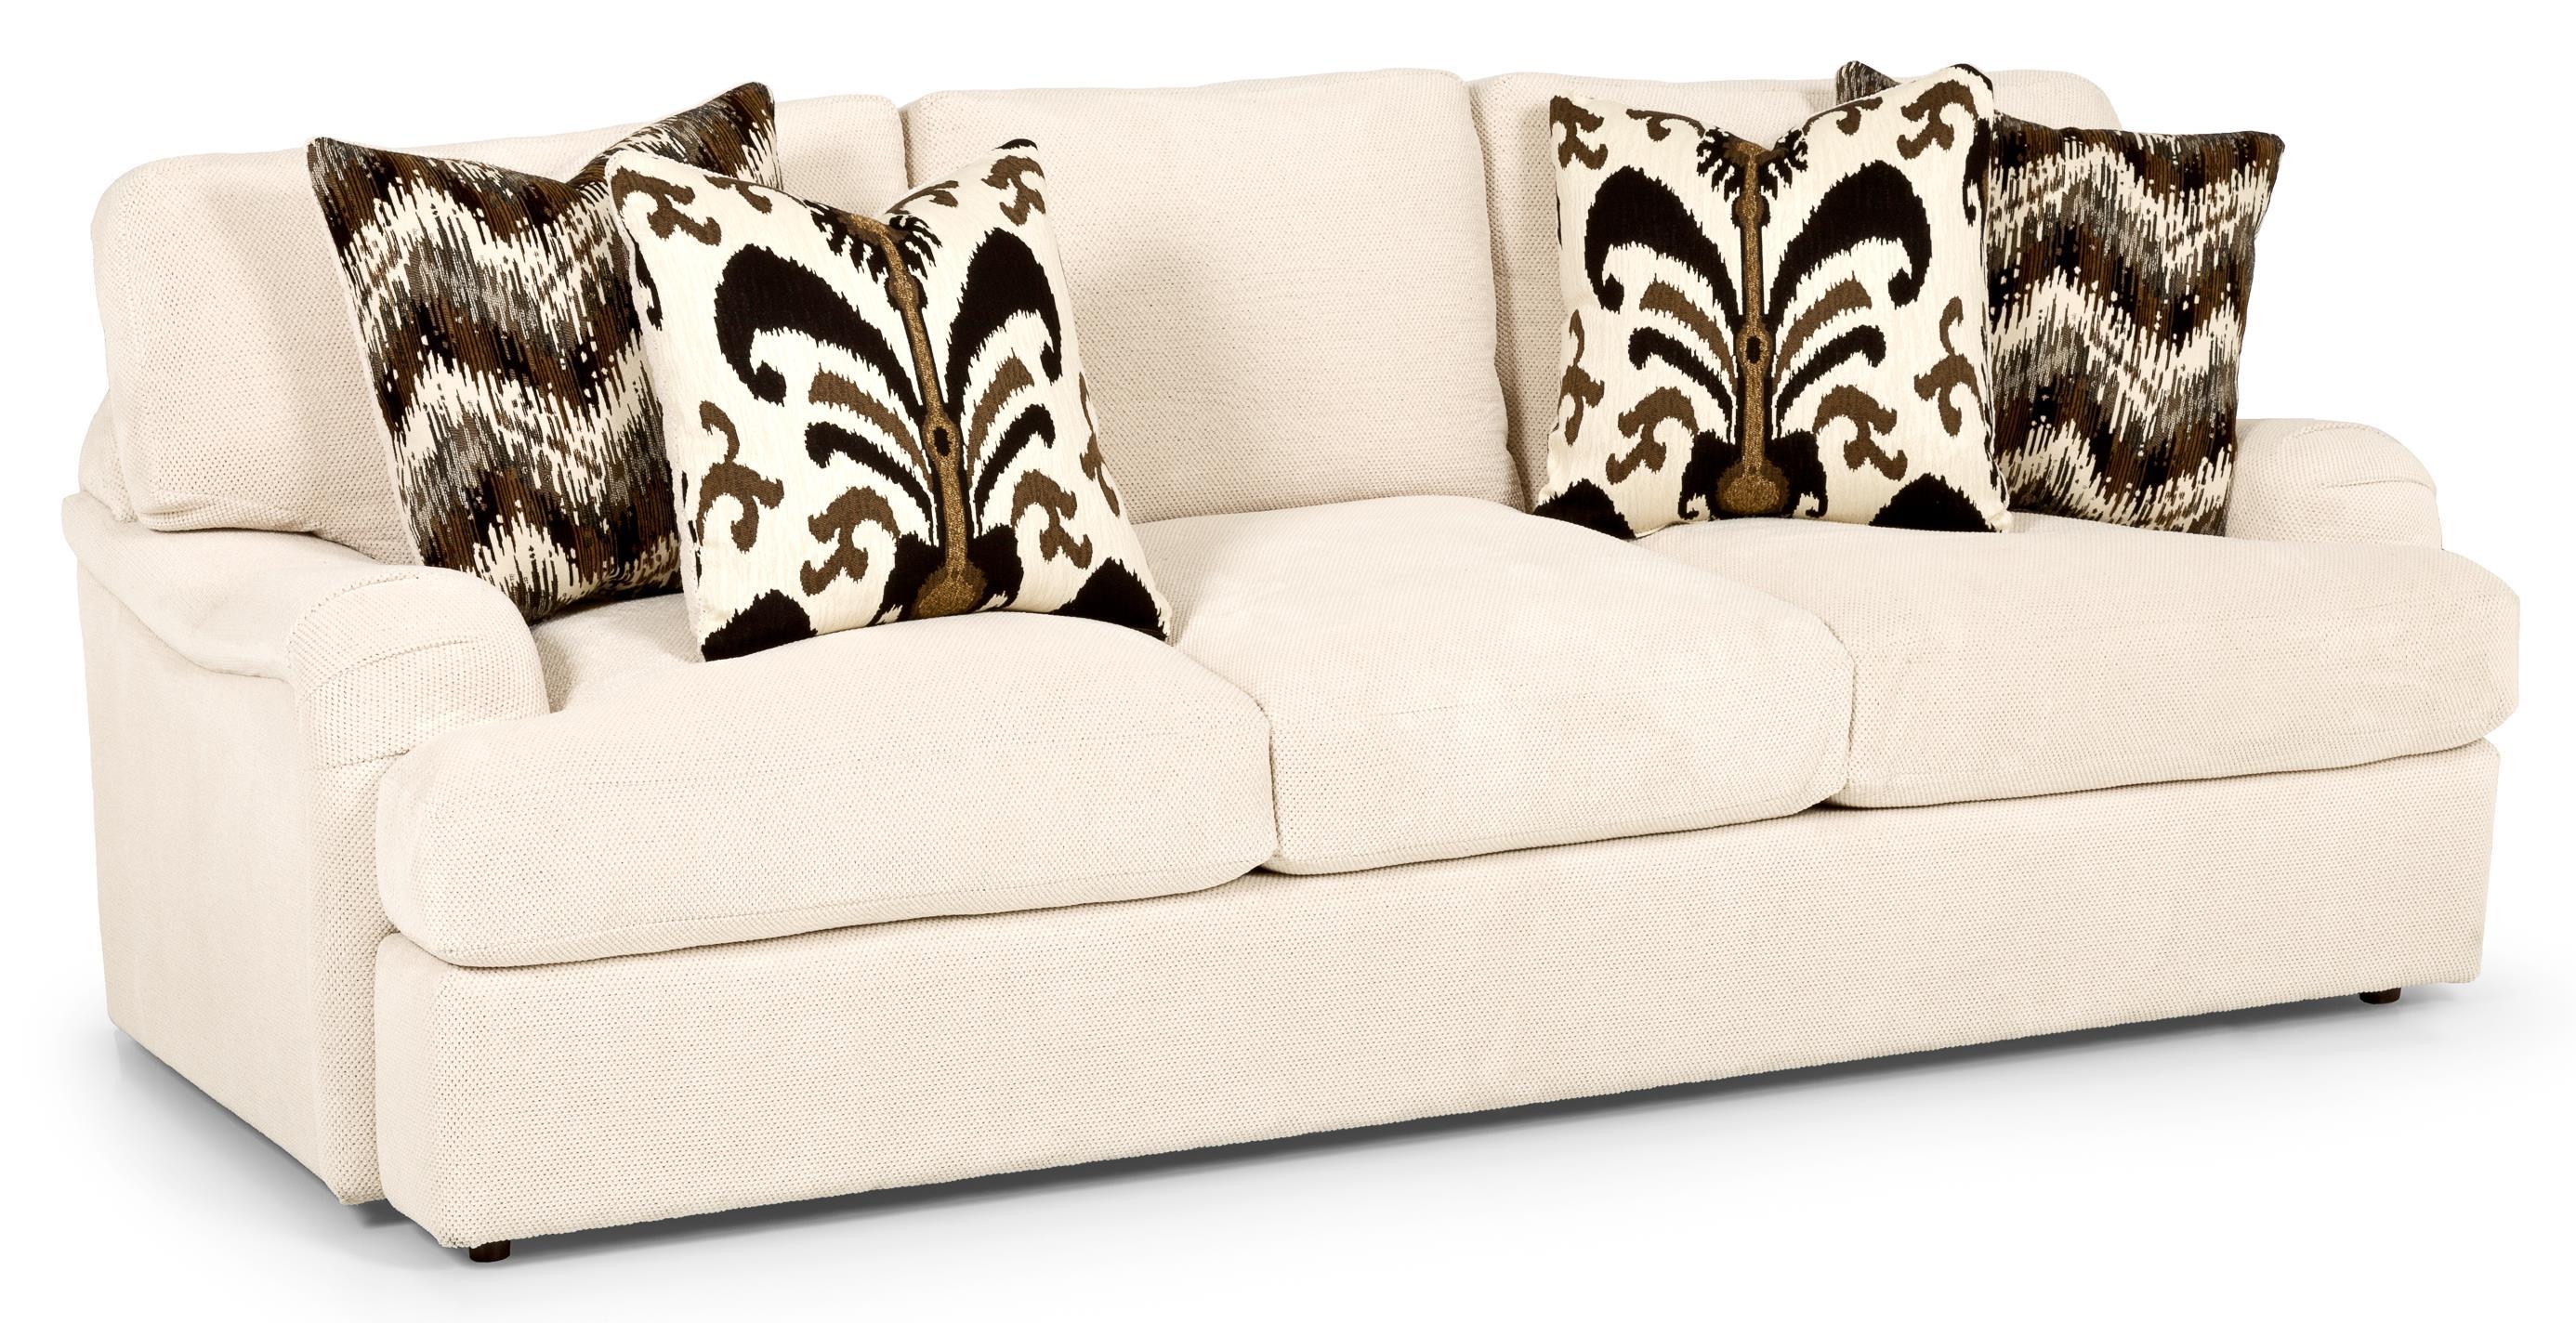 Stanton 232 Sofa - Item Number: 23201